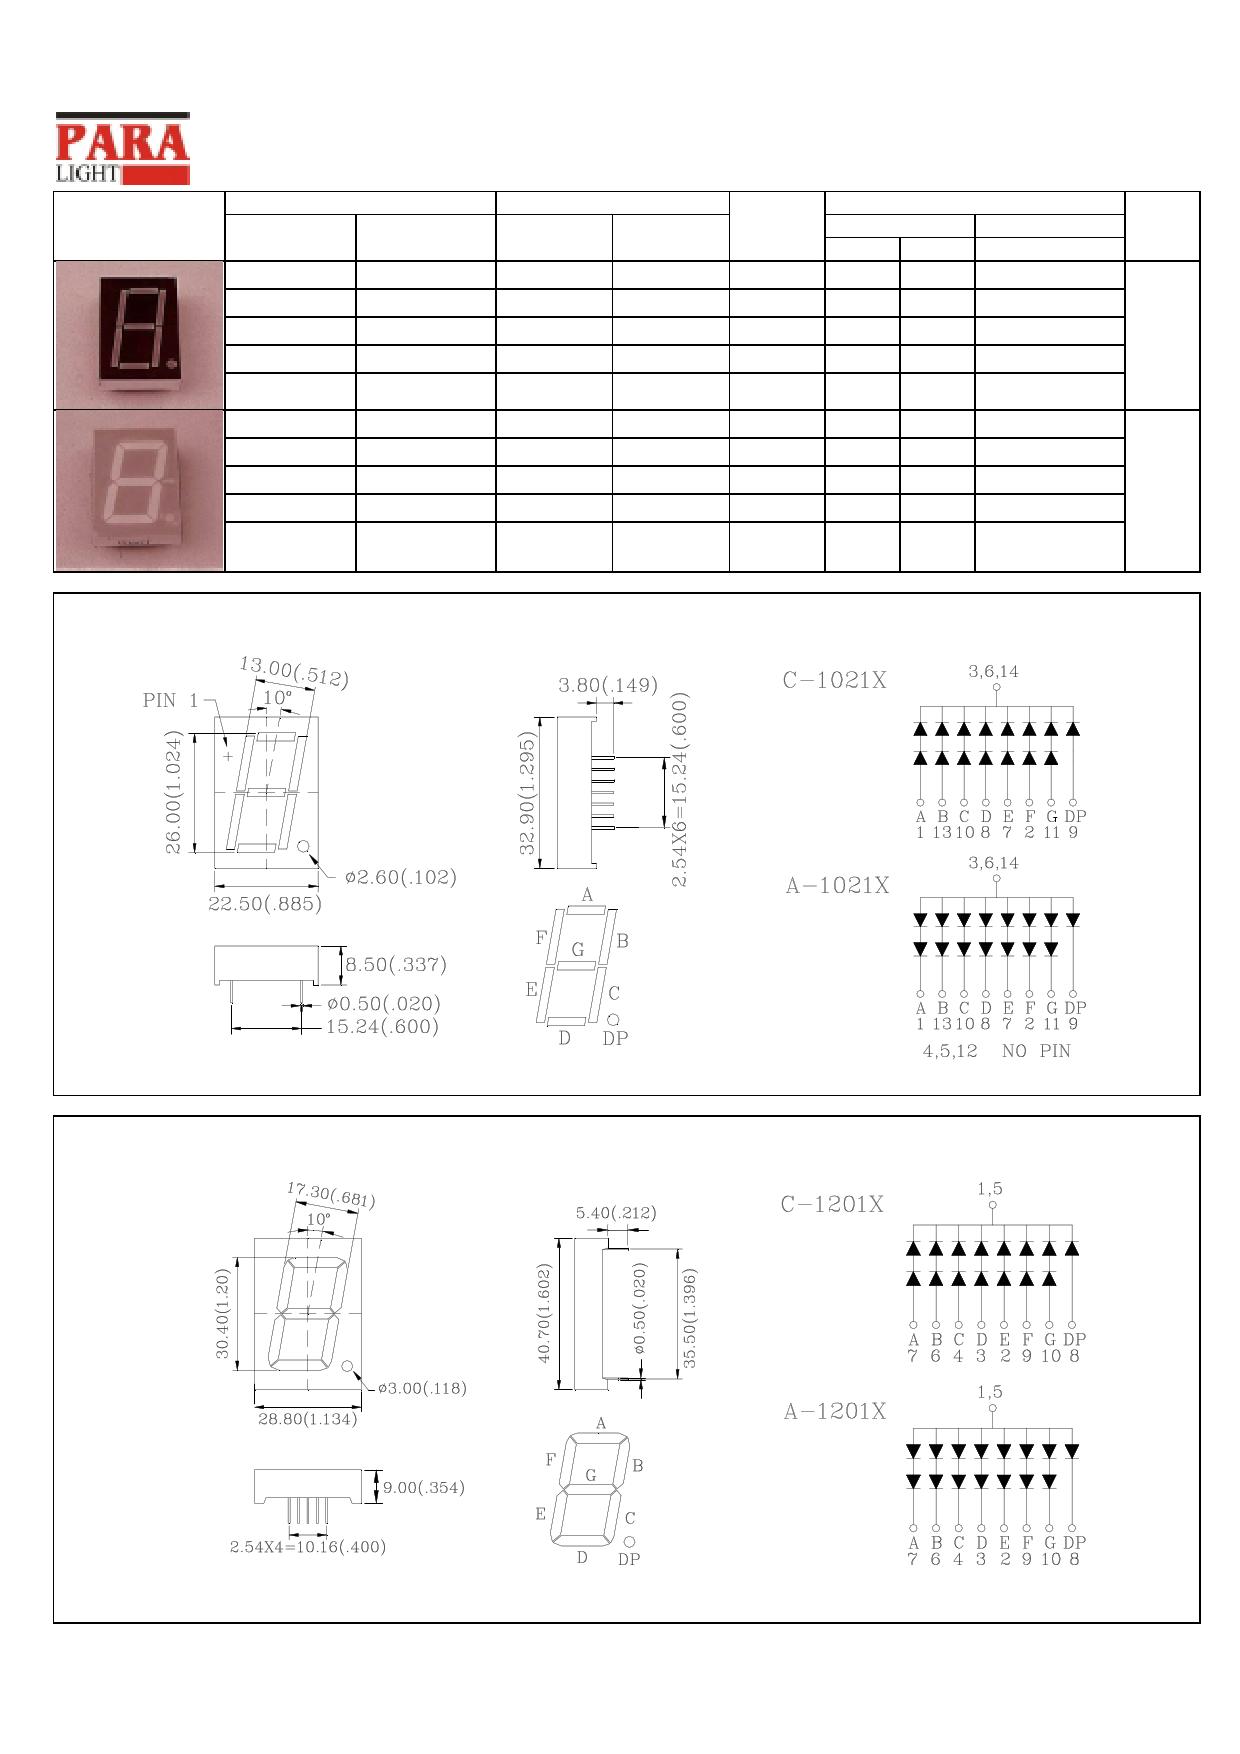 C-1201X Hoja de datos, Descripción, Manual